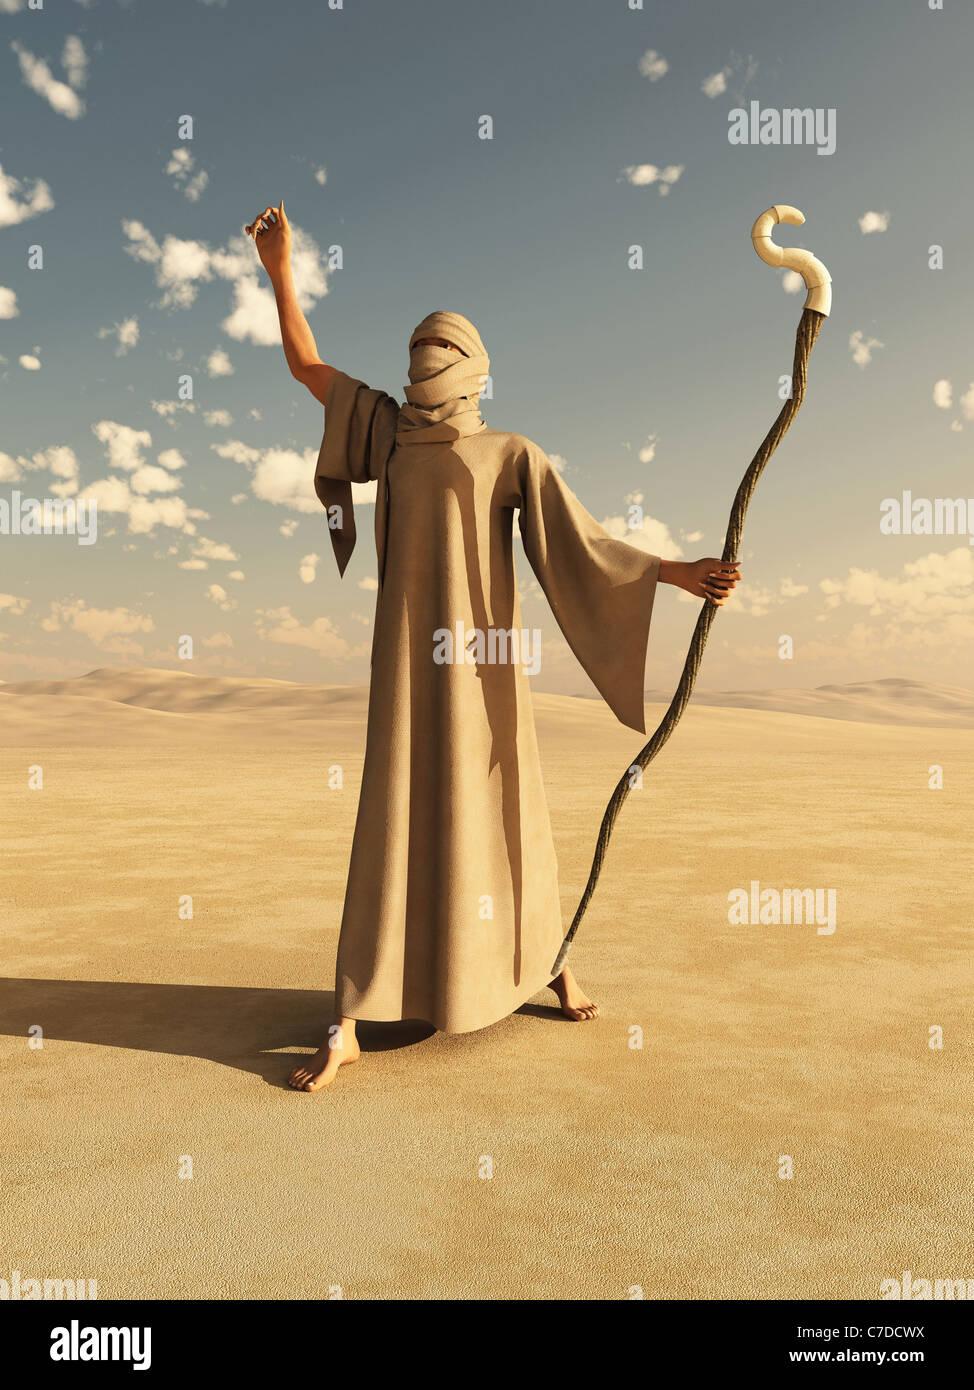 Desert Sorcerer - Stock Image